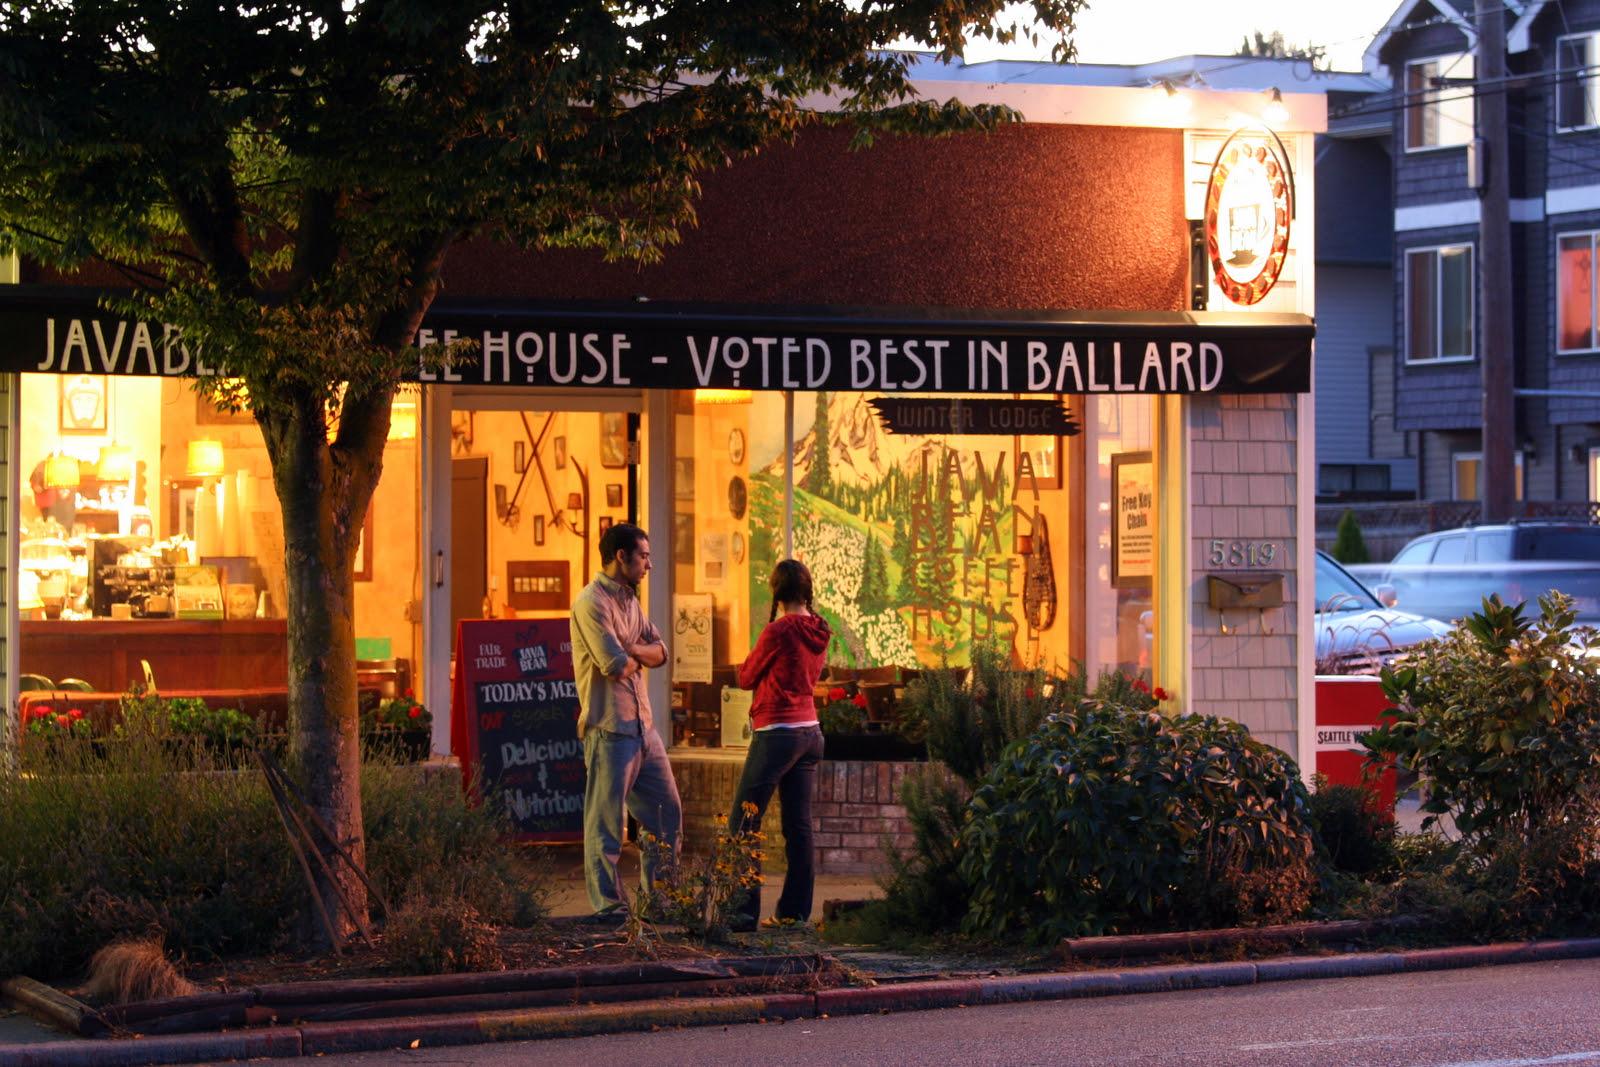 Voted Best in Ballard